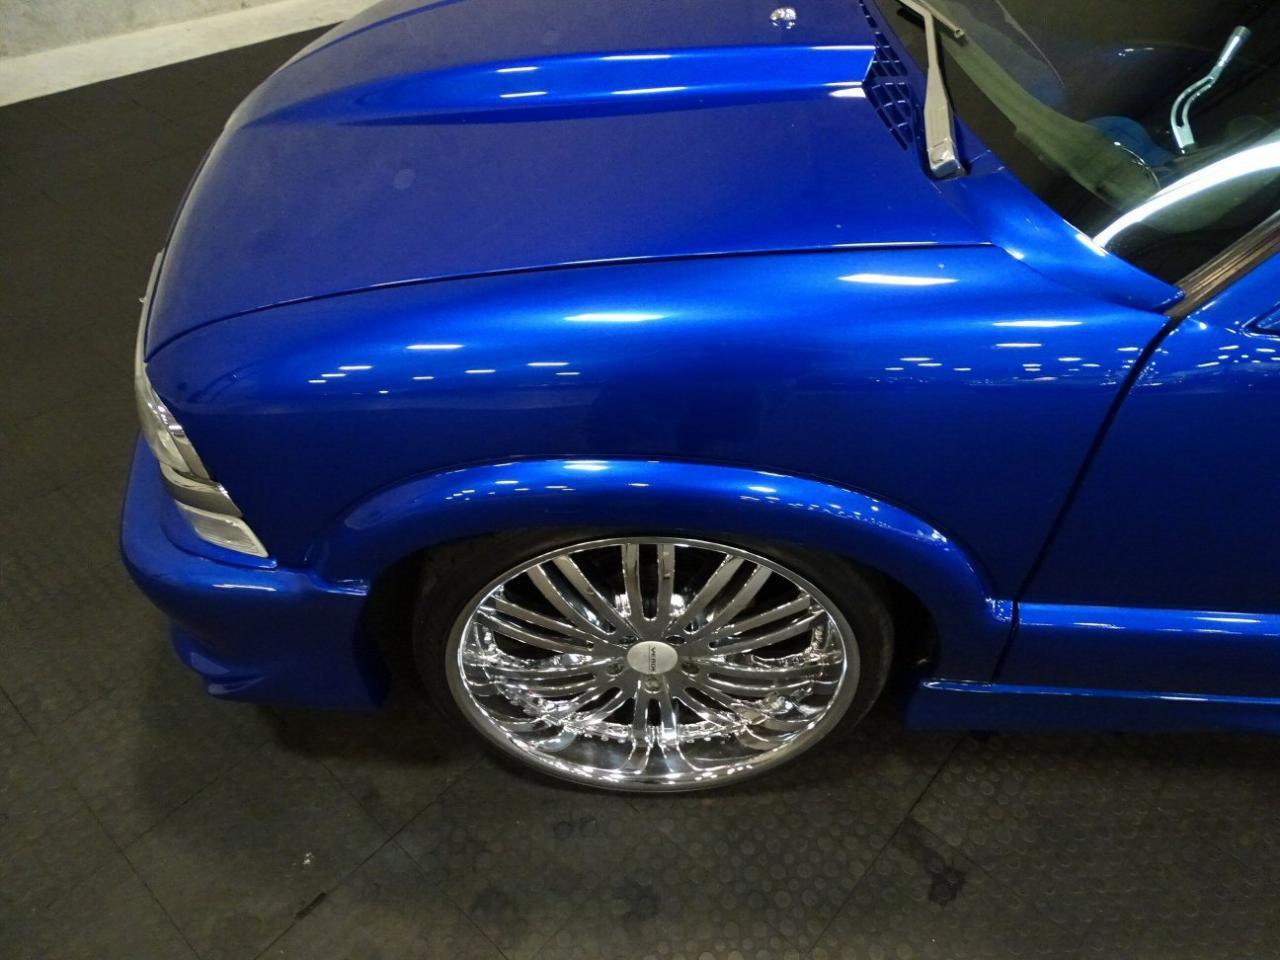 2001 Chevrolet S10 20